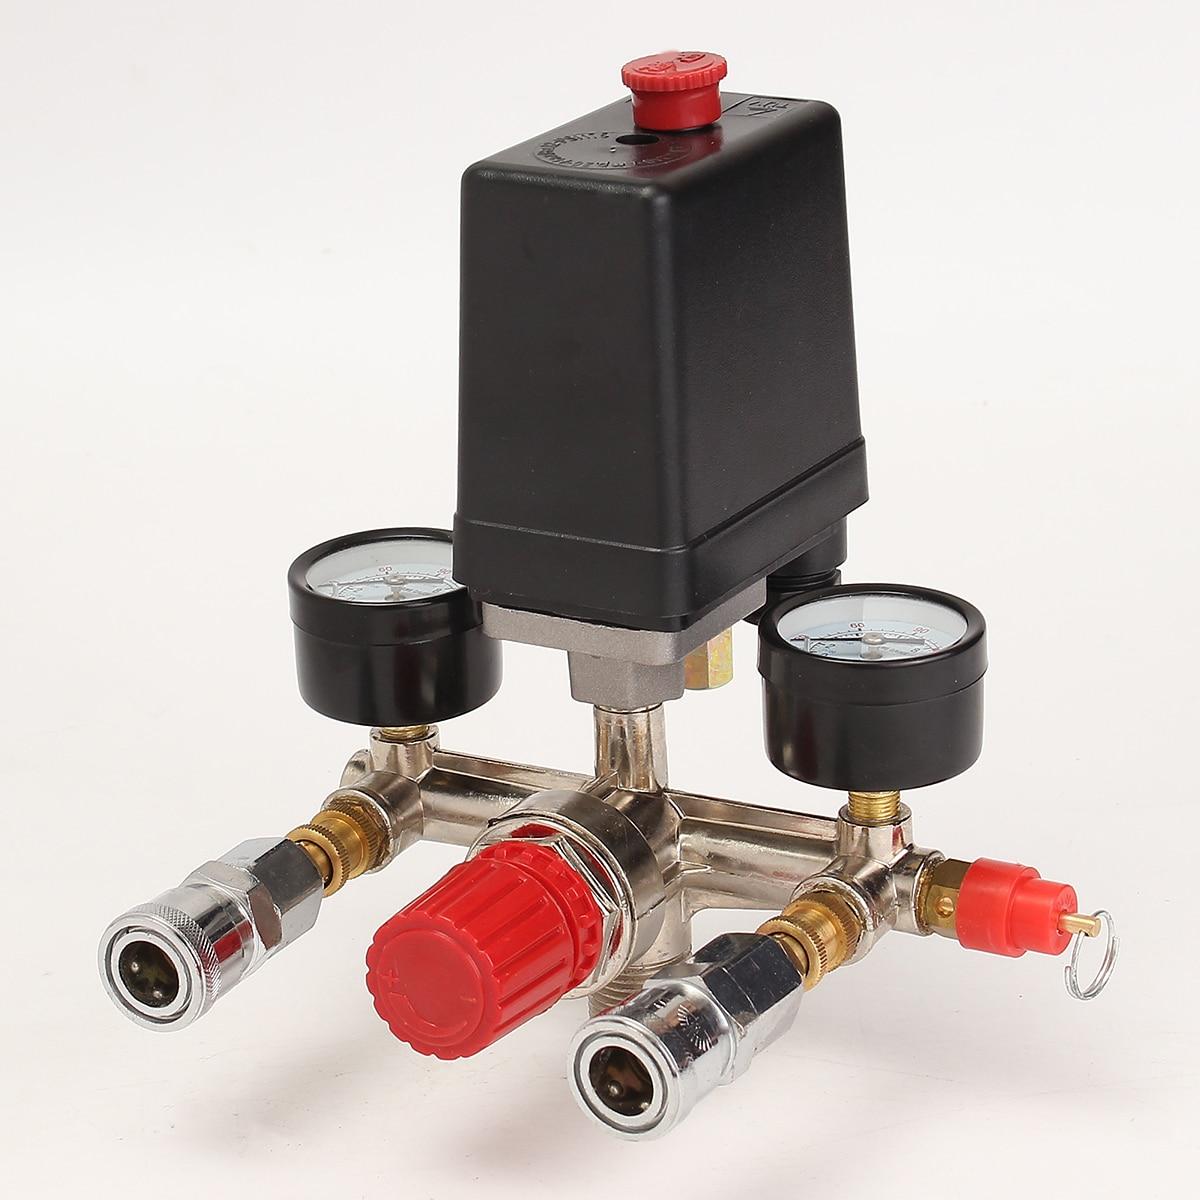 compresseur d/'air Régulateur de pression avec pompe Interrupteur pour Wind